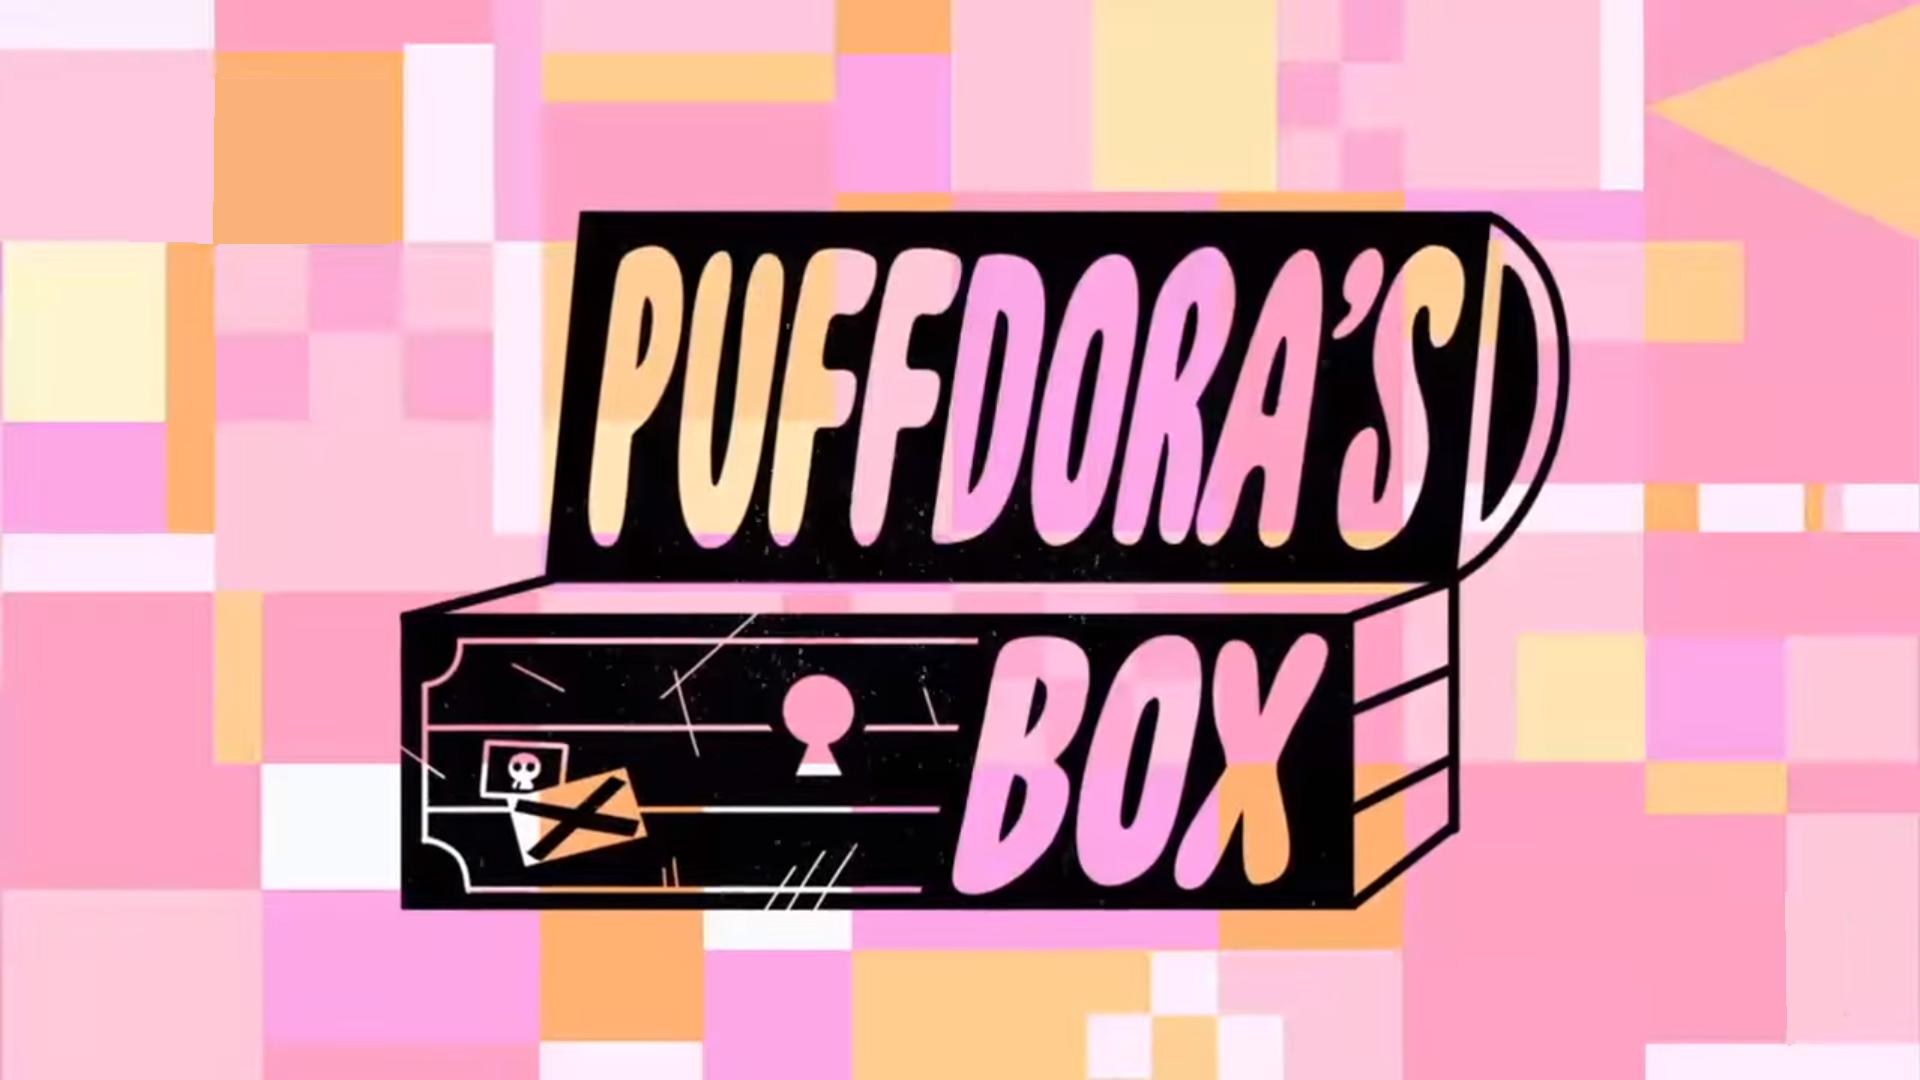 puffdora u0027s box powerpuff girls wiki fandom powered by wikia